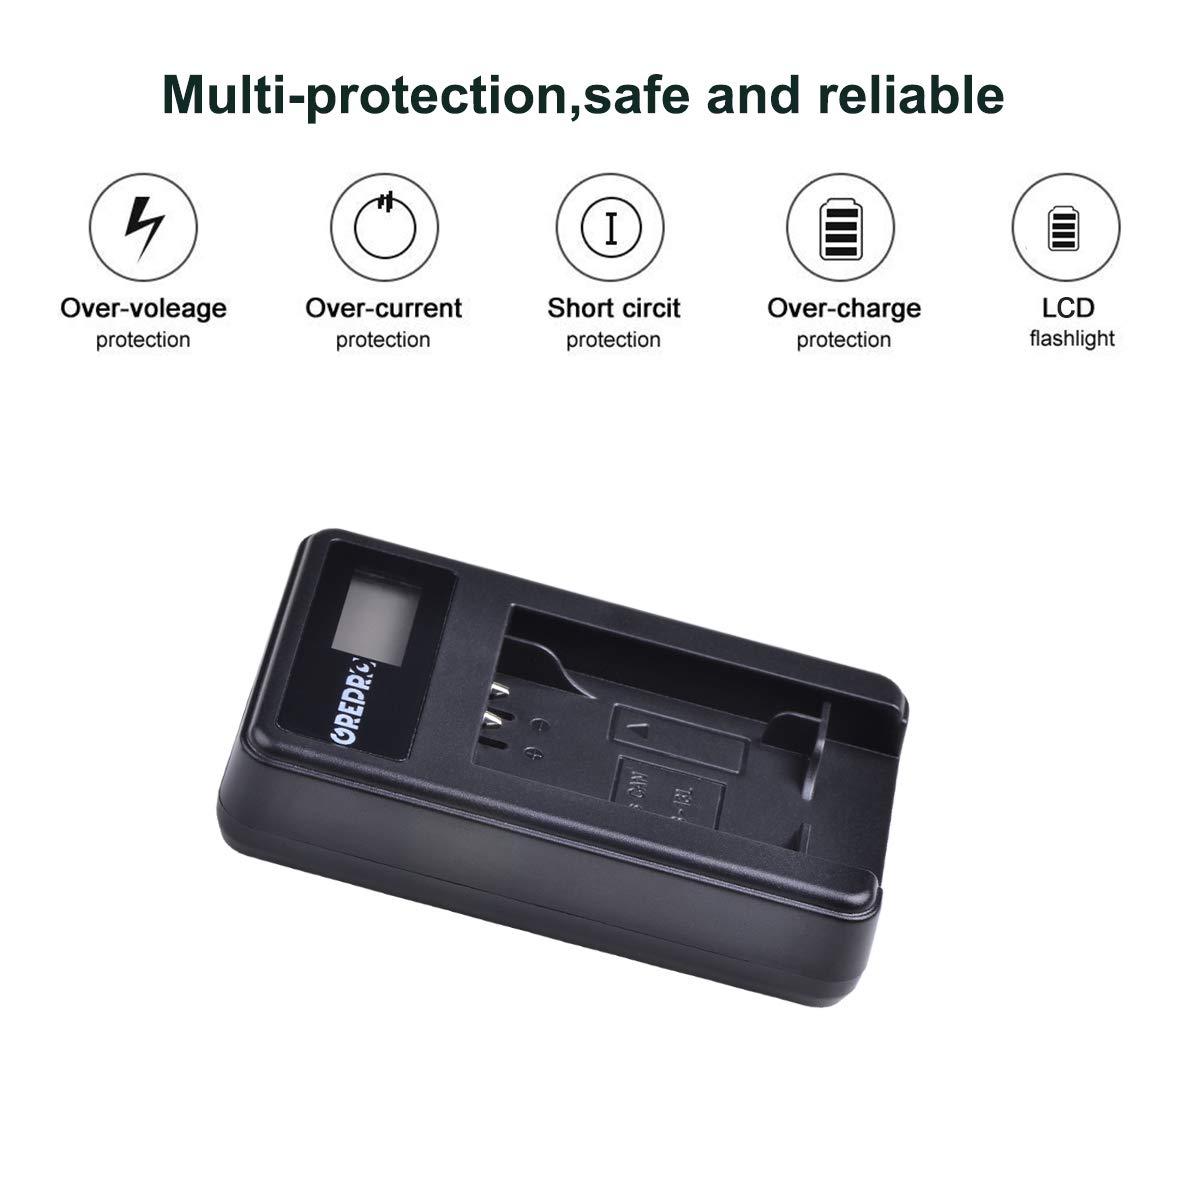 2 Paquets NB-13L 1500mAh Batterie de Rechange with USB Chargeur Compatible for Canon NB-13L Canon PowerShot G5X G7X G9X G7 X Mark II G9X Mark II G1 X Mark III SX620 HS SX720 HS SX730 HS